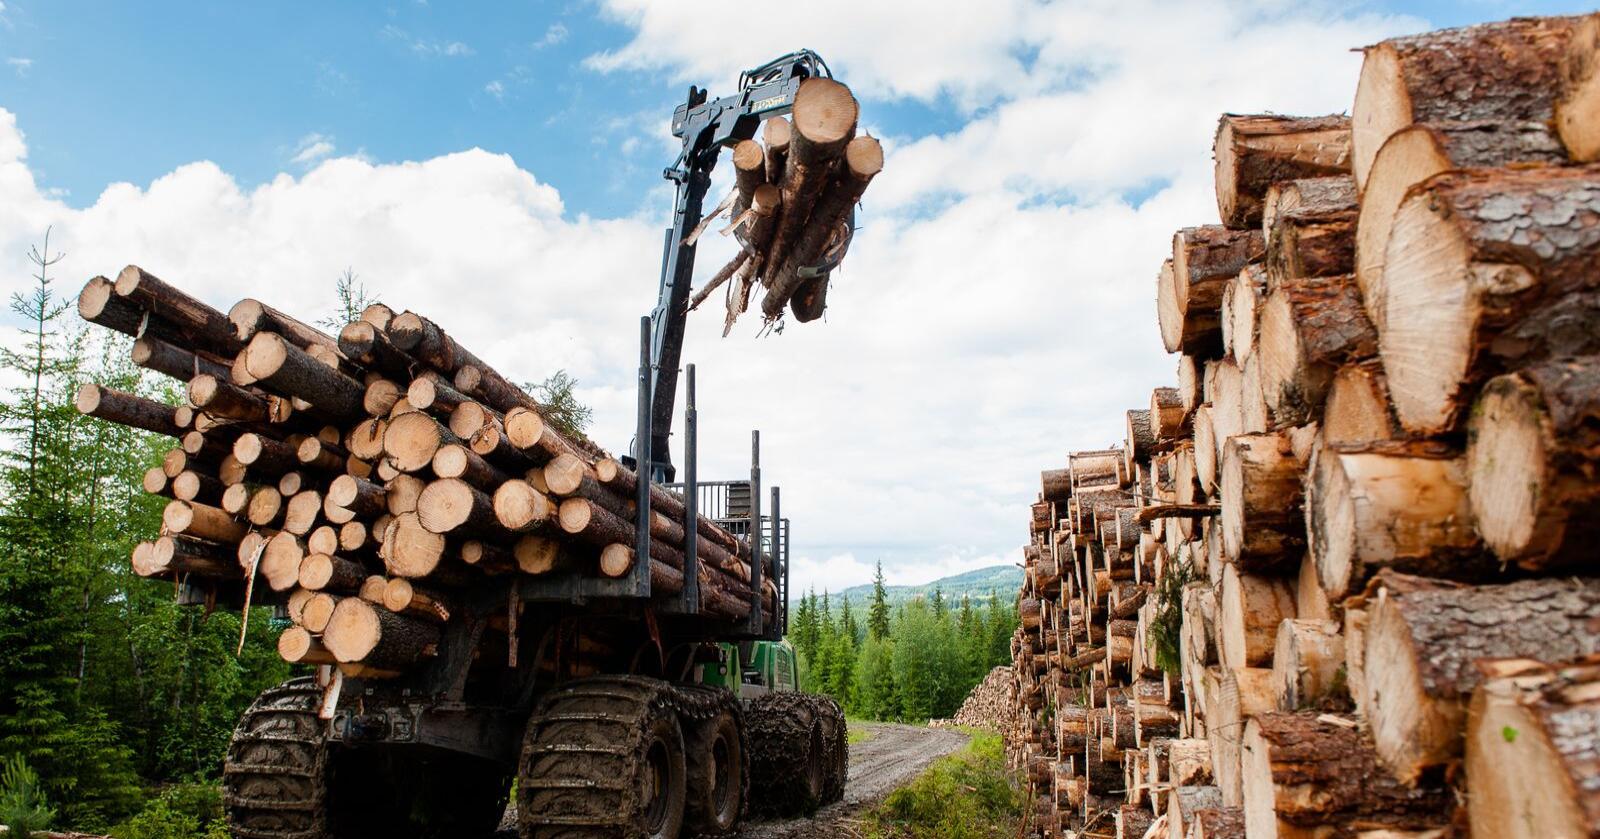 Skadelig: Skognæringen og politikere hevder at økt flatehogst, mer planting og enda mer bruk av dagens miljøskadelige skogbruksmetoder er bra for klimaet og for å nå Parisavtalens mål. Det er feil, skriver innsenderen av innlegget. Foto: Mostphotos